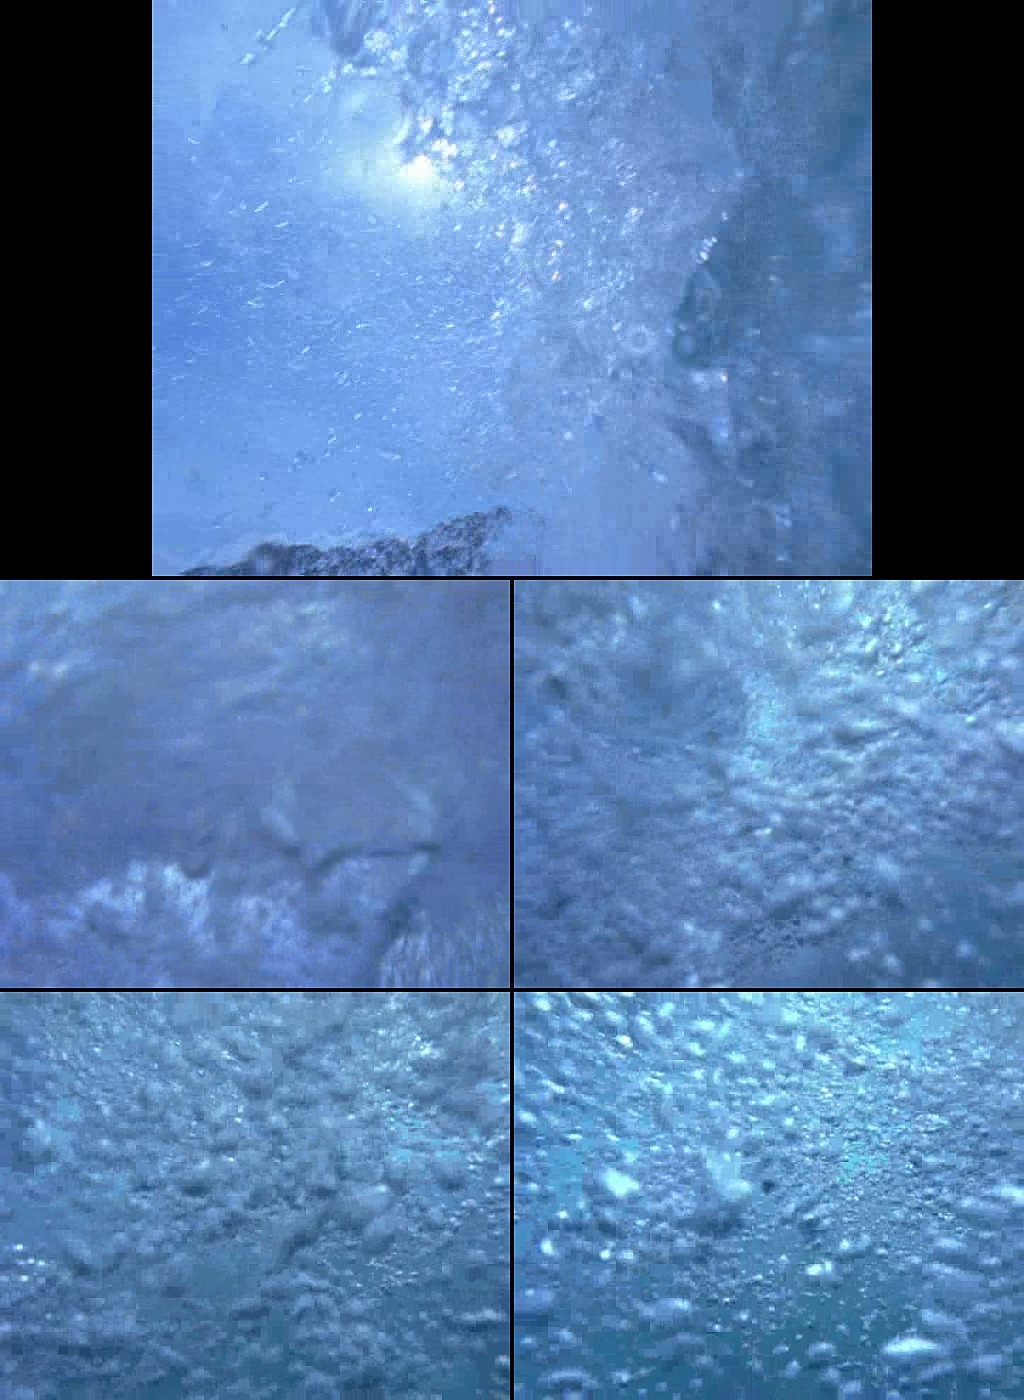 我图网提供独家原创蓝色海水水底气泡正版素材下载, 此素材为原创版权图片,图片,图片编号为12616736,作品体积为,是设计师QQ2914BA7E在2014-10-02 00:27:17上传, 素材尺寸/像素为-高清品质图片-分辨率为, 颜色模式为,所属动/植物 分类,此原创格式素材图片已被下载0次,被收藏76次,作品模板源文件下载后可在本地用软件编辑替换,素材中如有人物画像仅供参考禁止商用。 水元素实拍素材 EDIUS 会声会影 剪辑素材